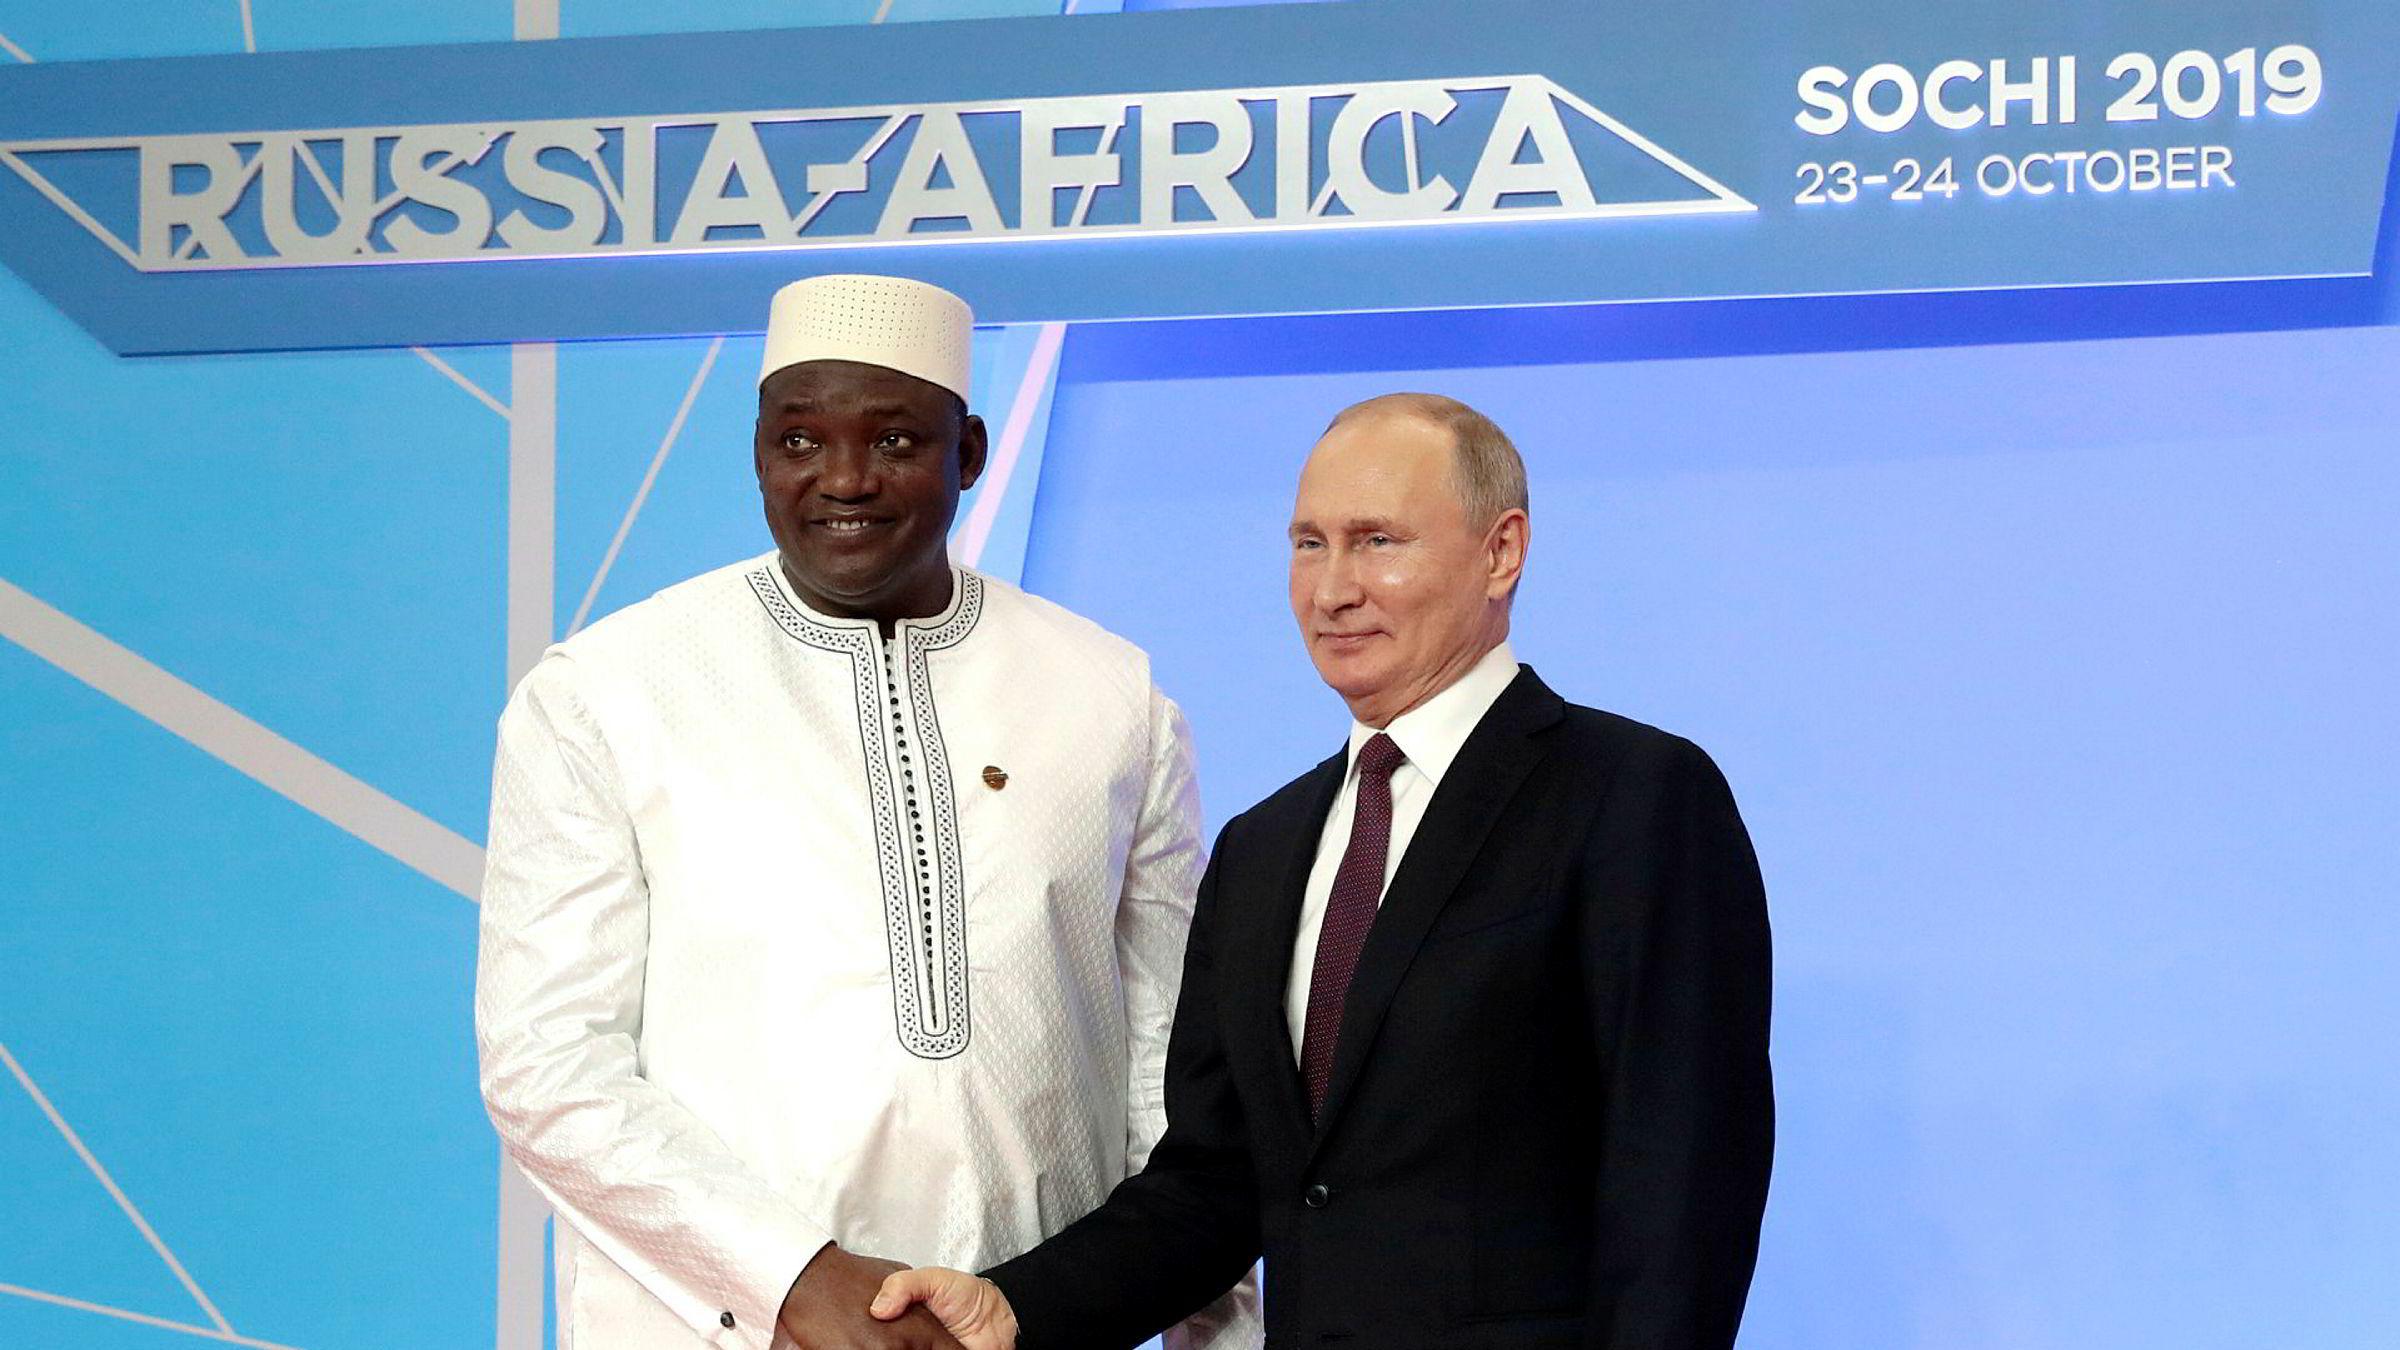 President Vladimir Putin sier Russland vil minst doble handelen med Afrika. På bildet står han sammen med Gambias president Adama Barrow under topmøtet i Sotsji.